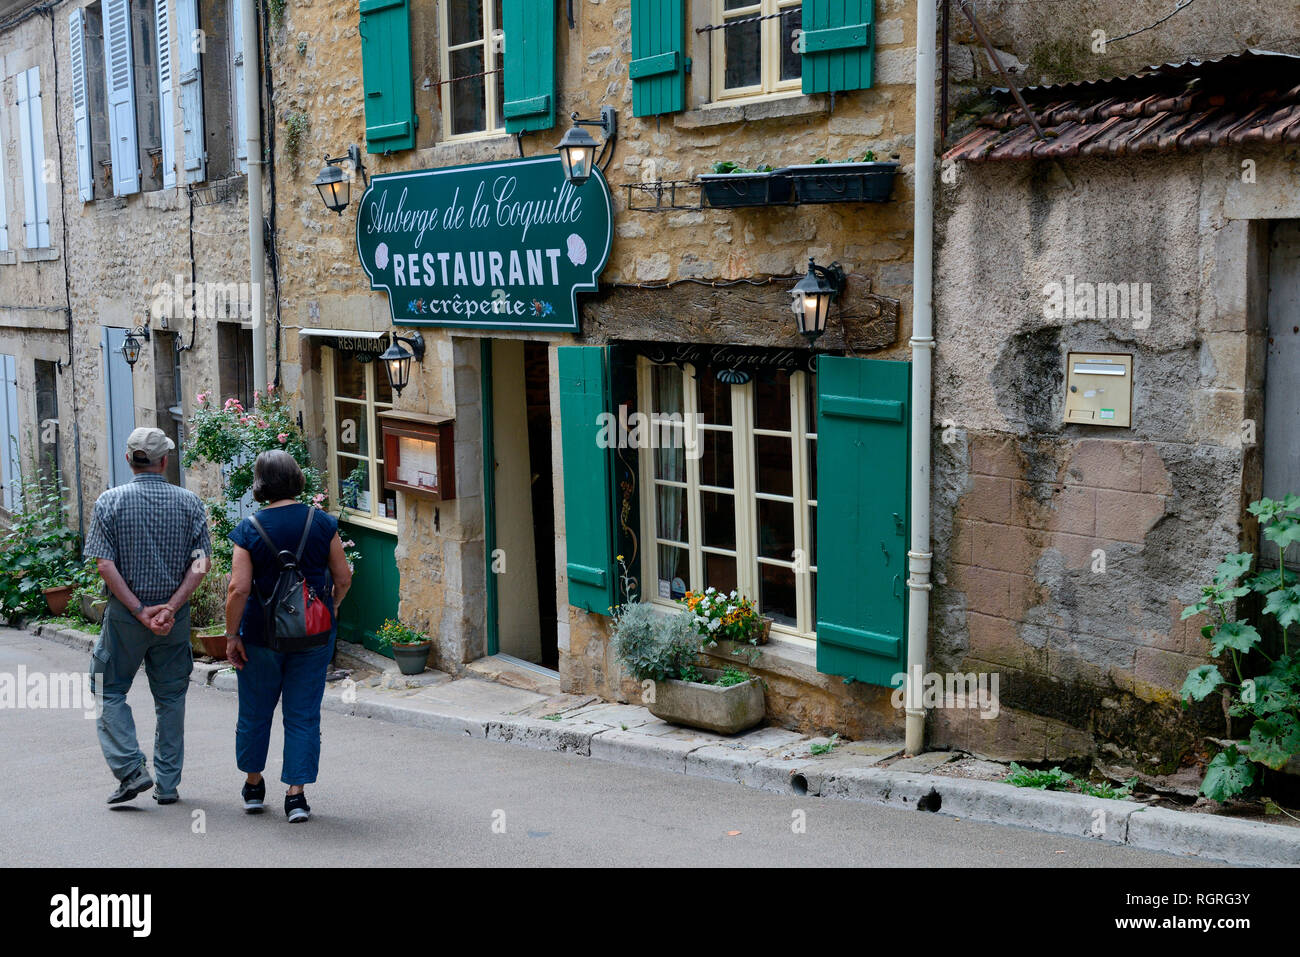 Vezelay, Dorfstrasse mit Restaurant, Vezelay, Burgund, Departement Yonne, Frankreich, Europa, Frankreich - Stock Image